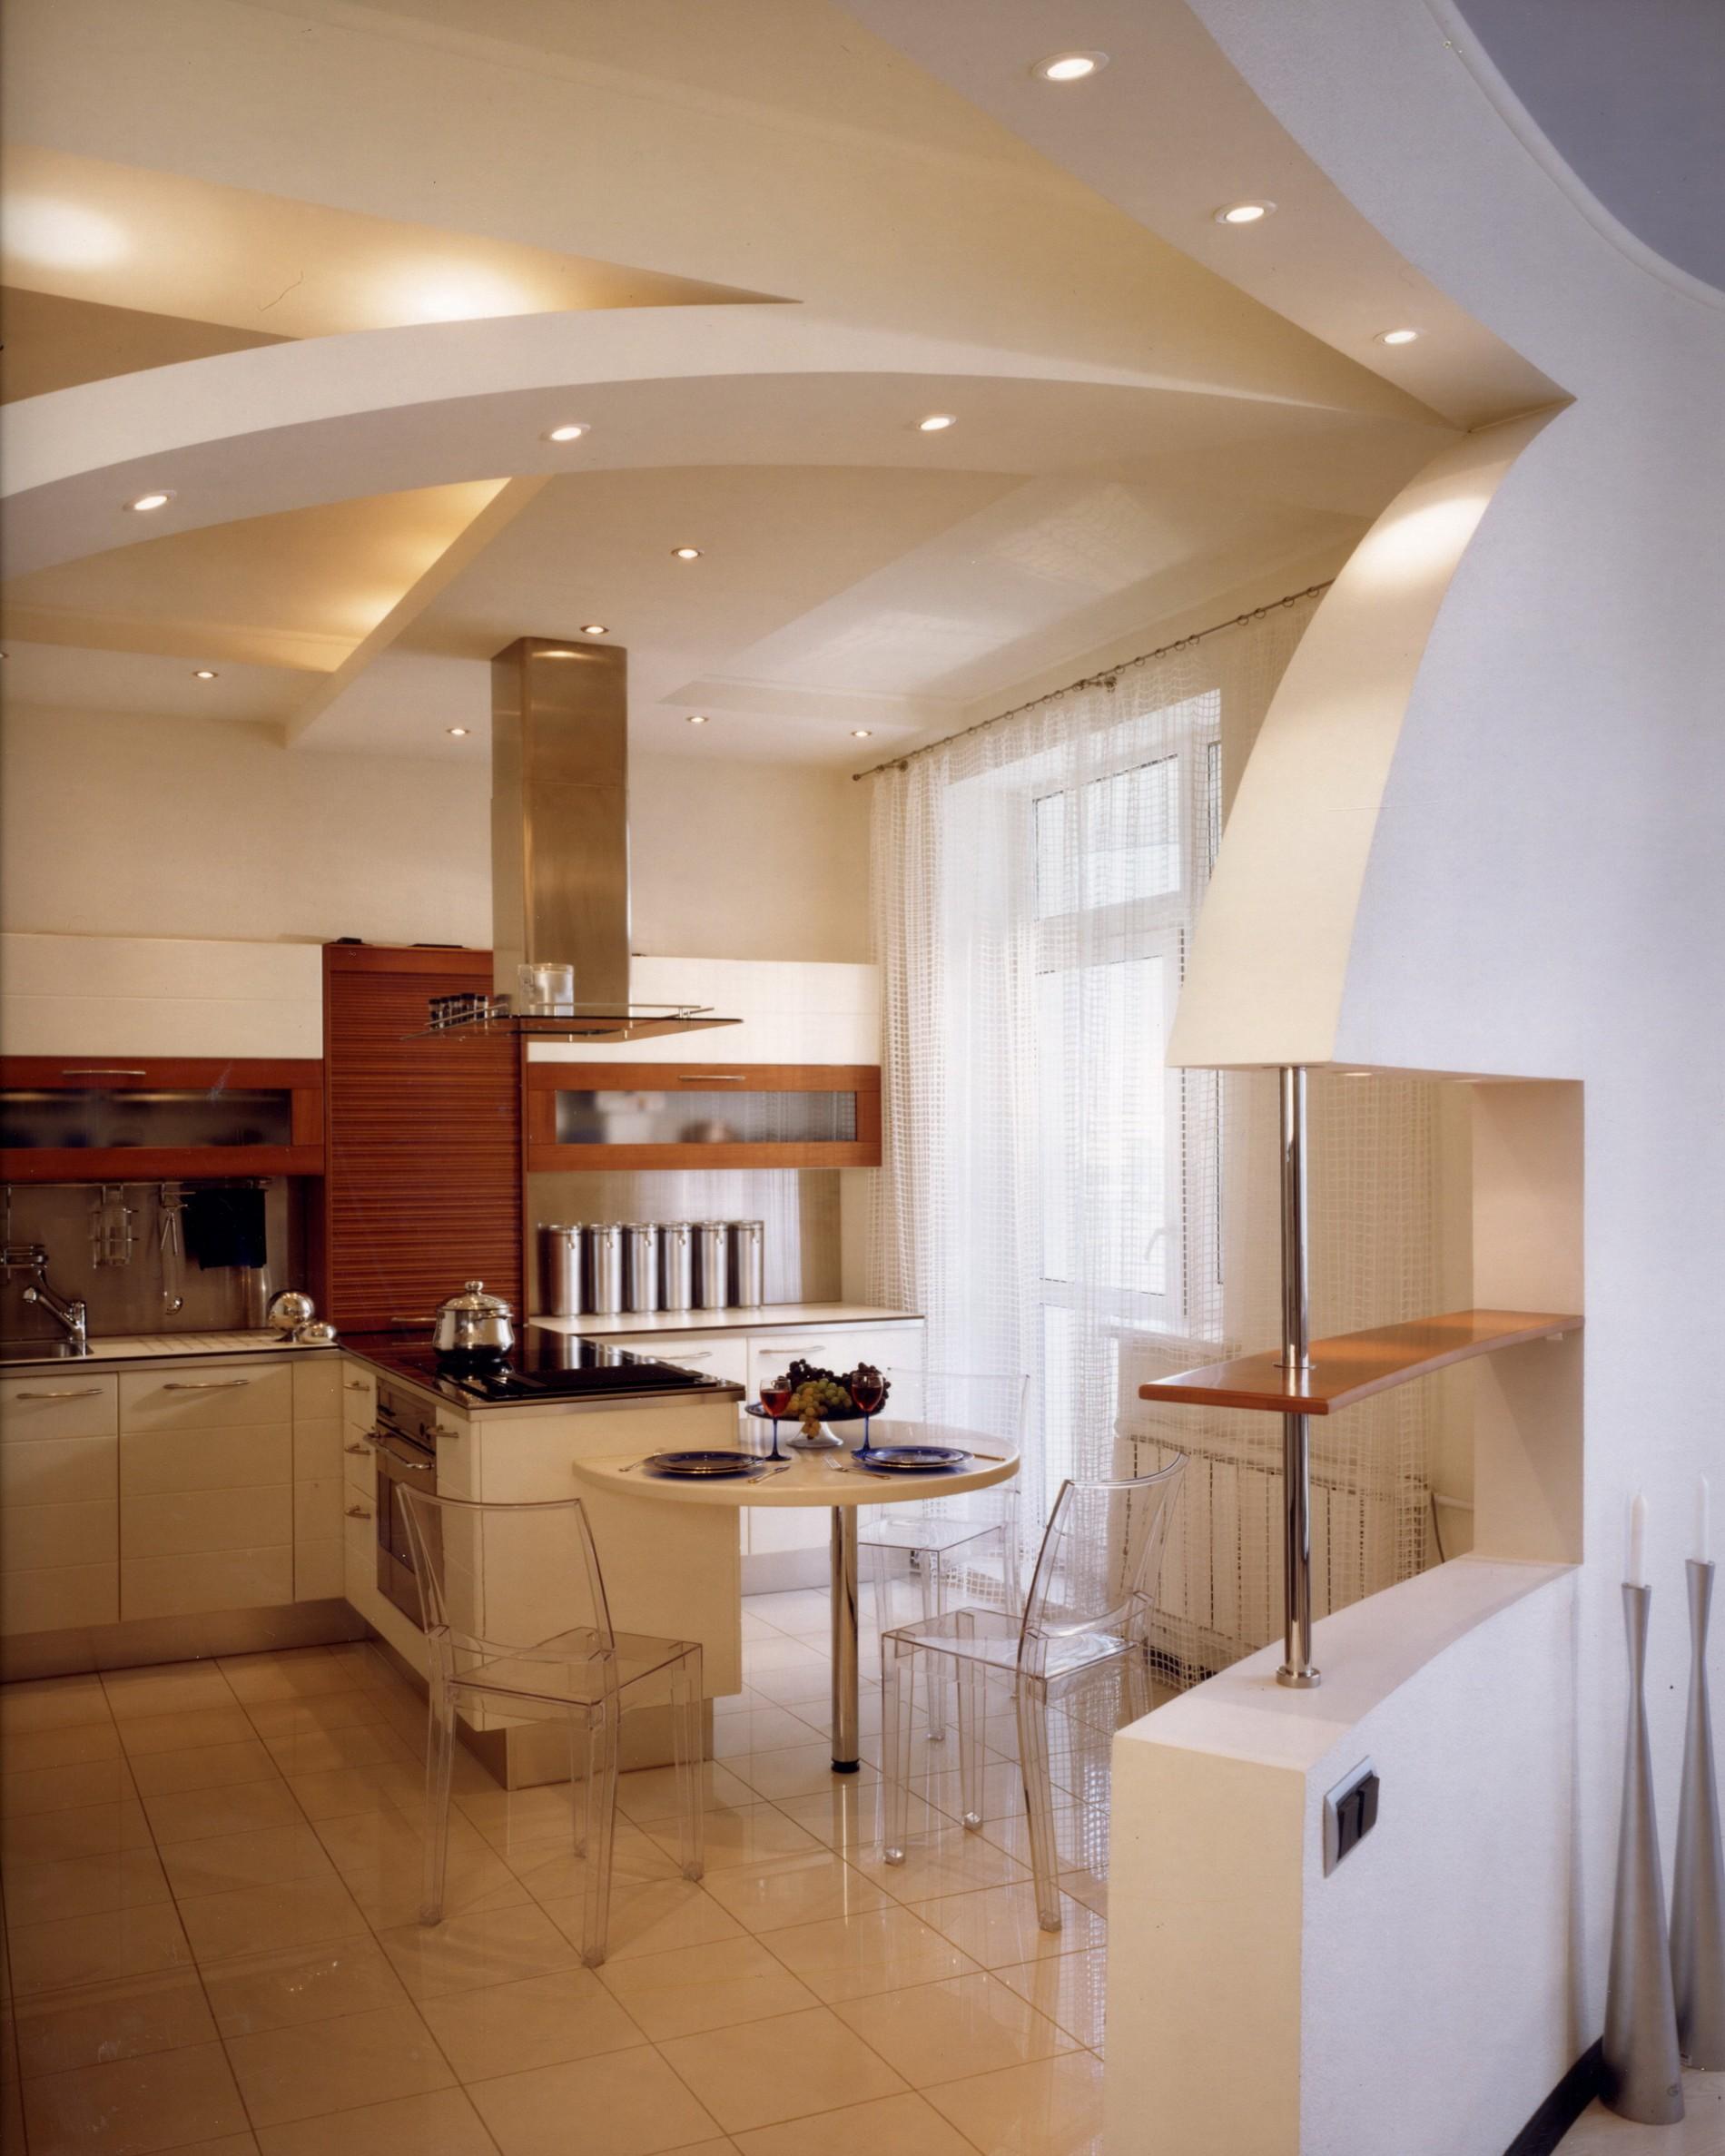 Реальный дизайн кухни в современном стиле с прозрачными стульями